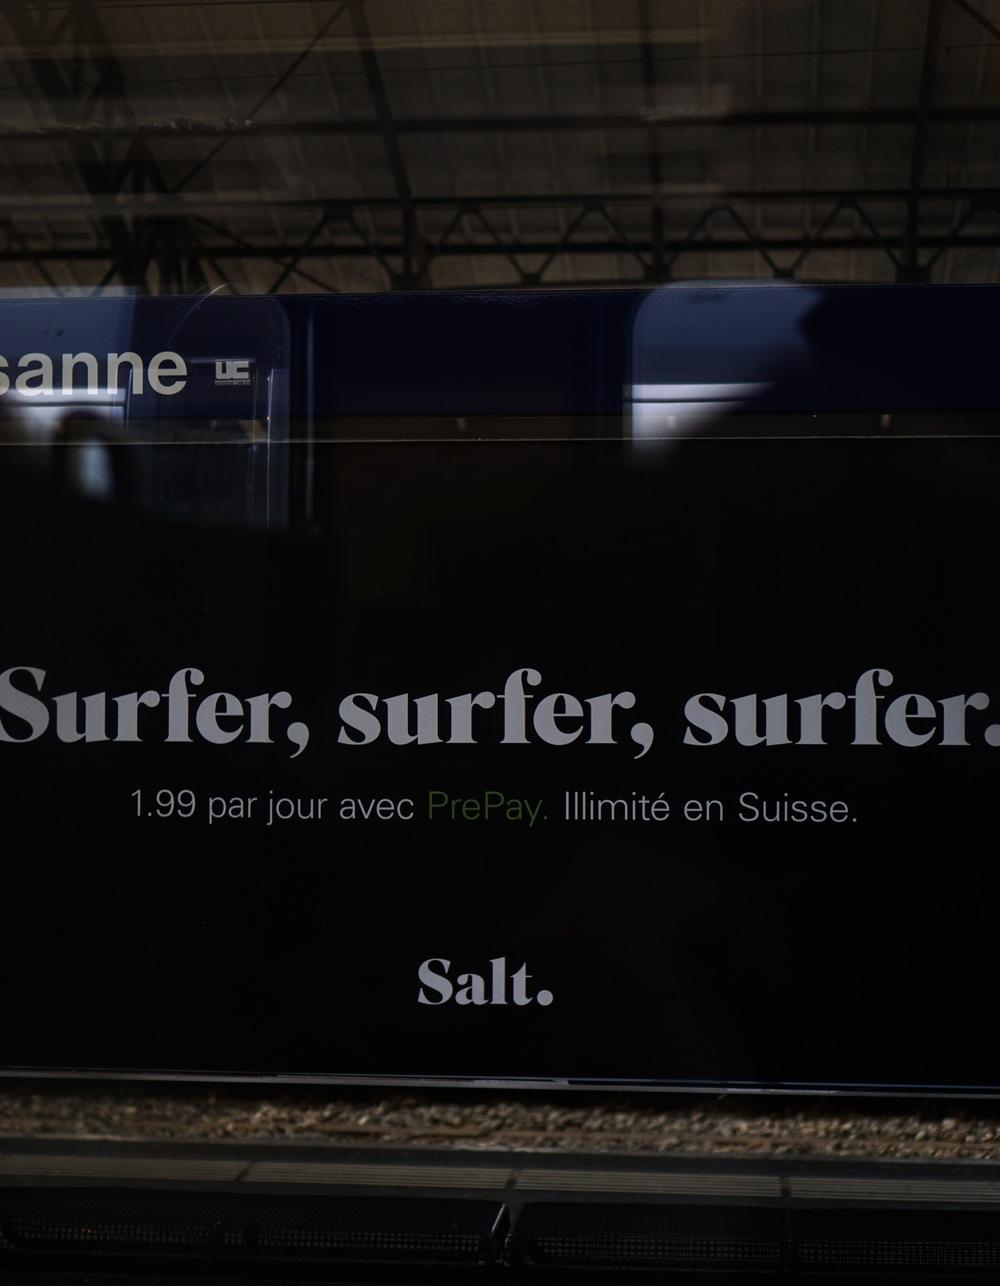 Surfer, surfer, surfer. Salt?